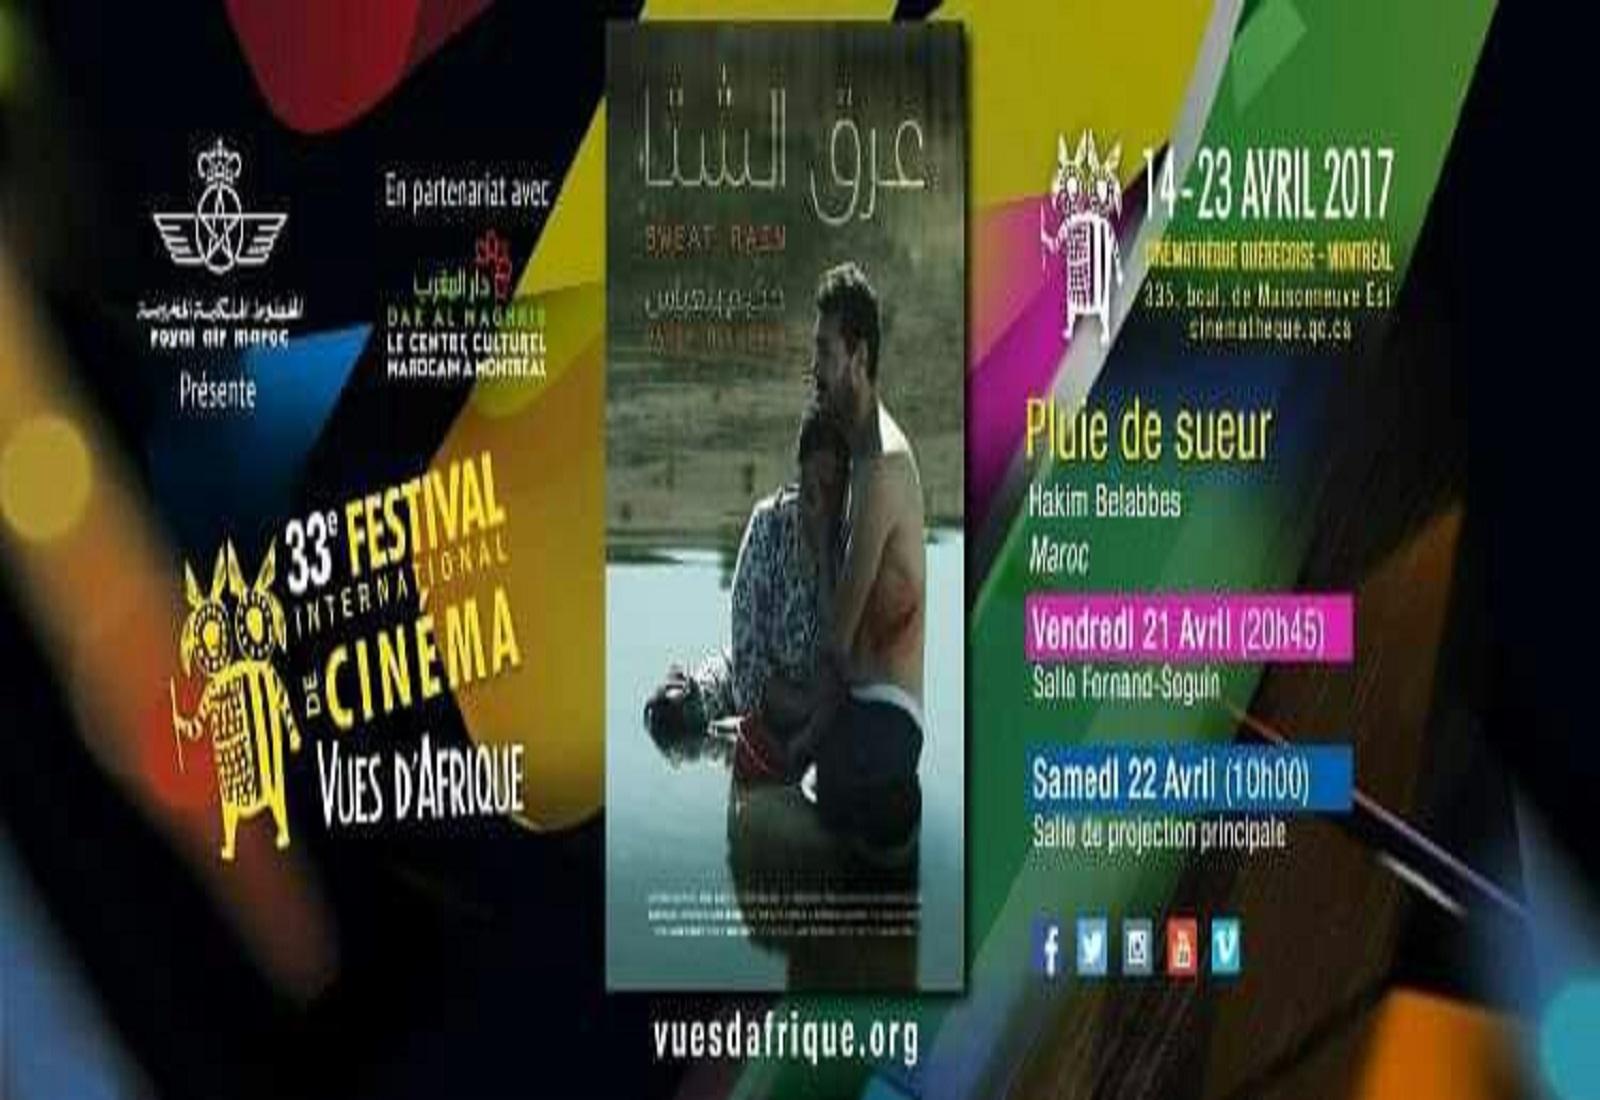 Film Marocain « Sueur de pluie  », vendredi 21 avril 20h45 et samedi 22 avril à 11h00.